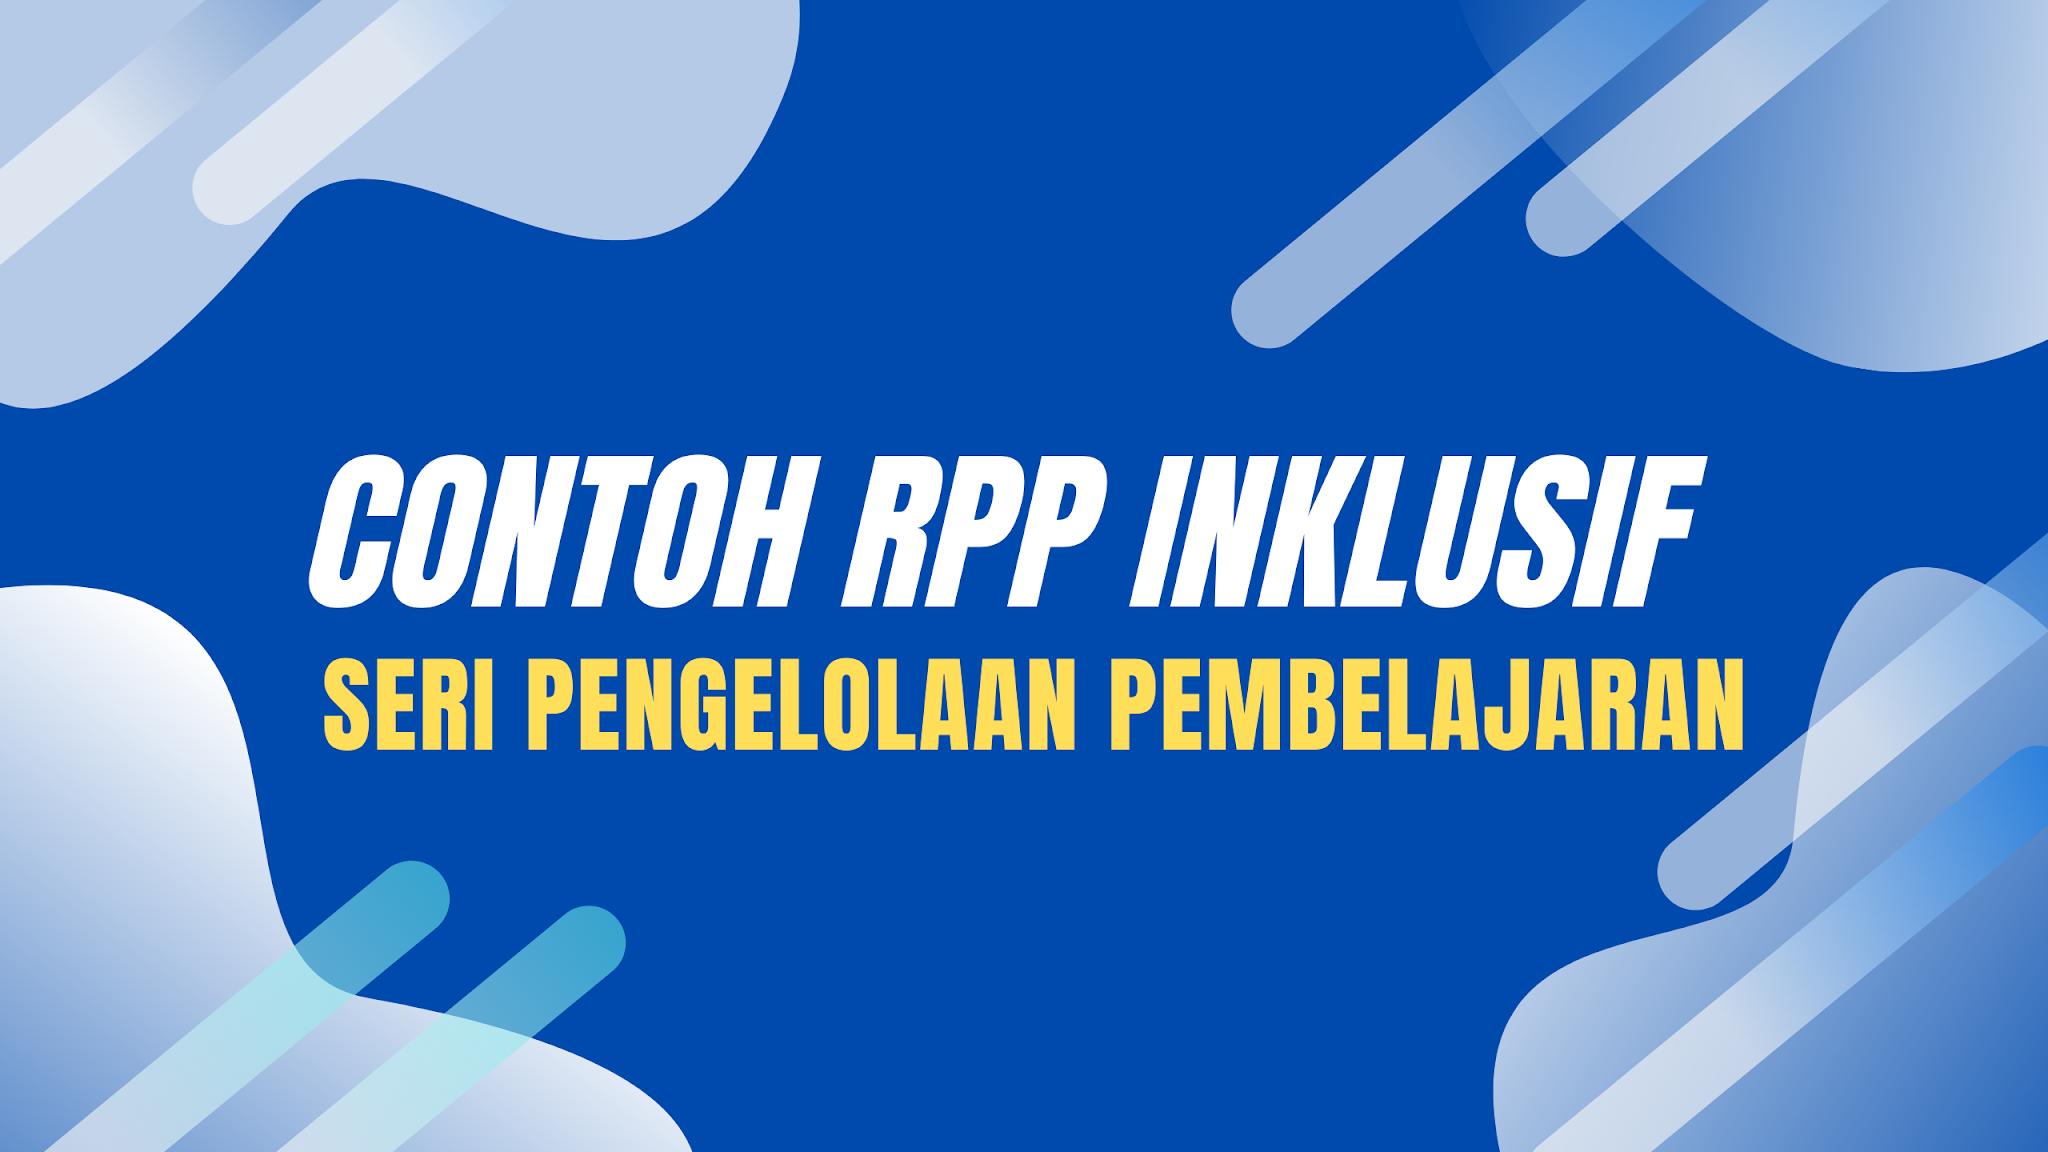 gambar Contoh RPP Inklusif